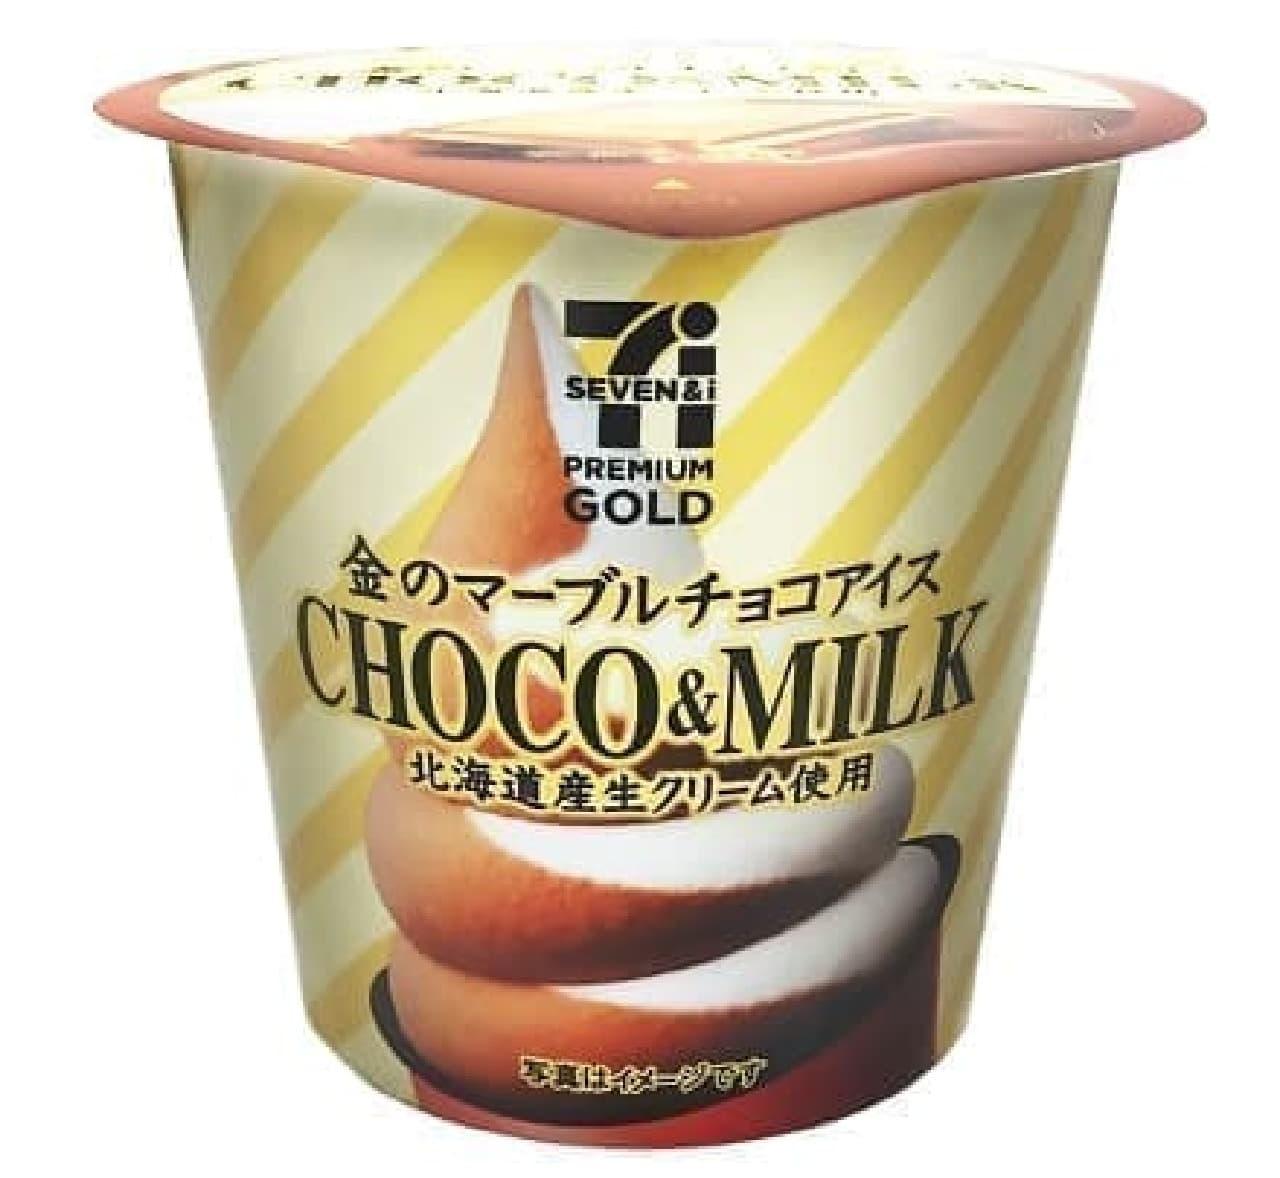 セブンプレミアム ゴールド 金のマーブルチョコアイス